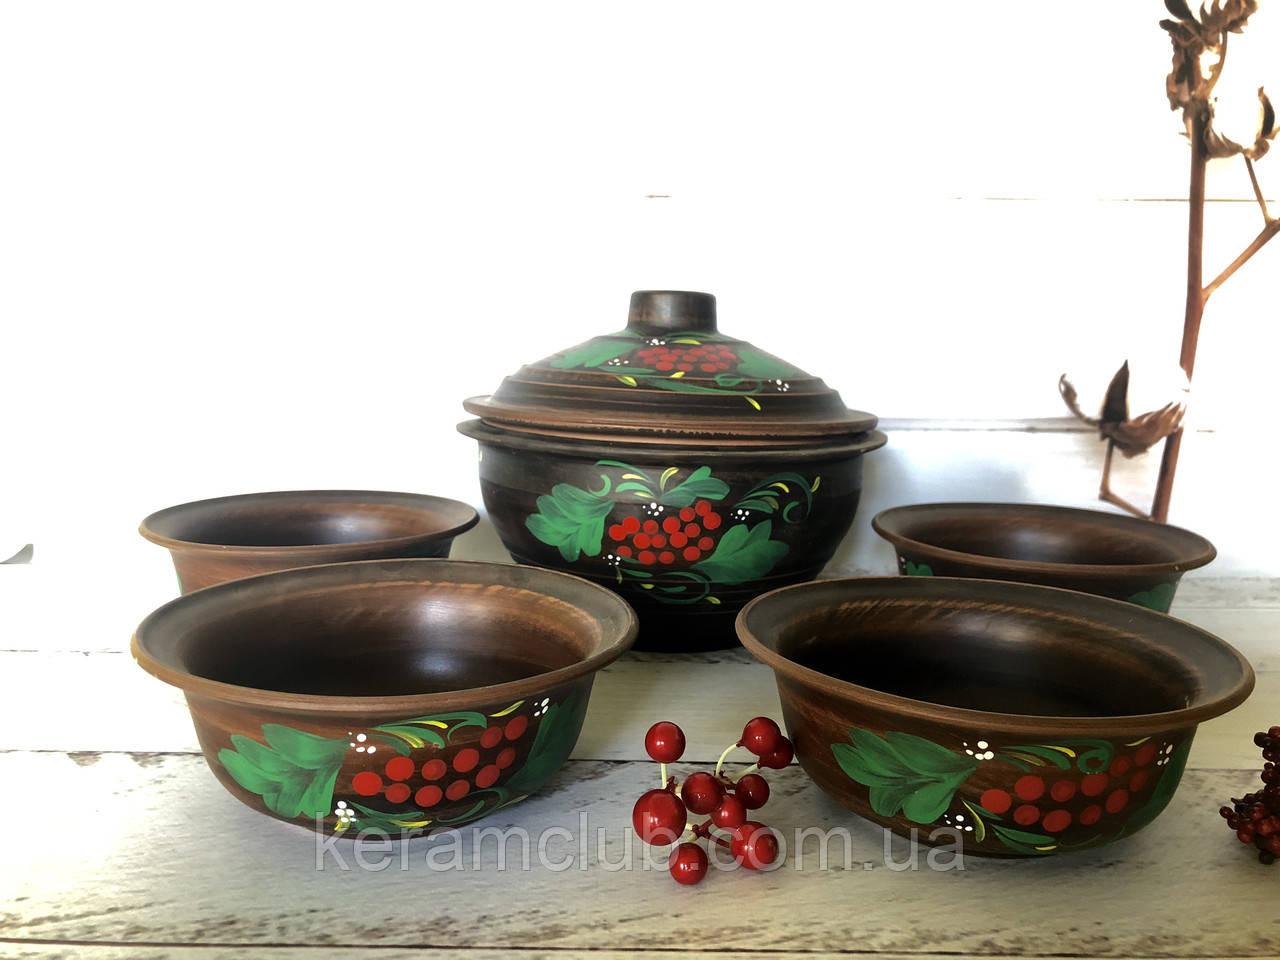 Керамический набор из красной глины супница 2,5 л и пиалы 600 мл с рисунком